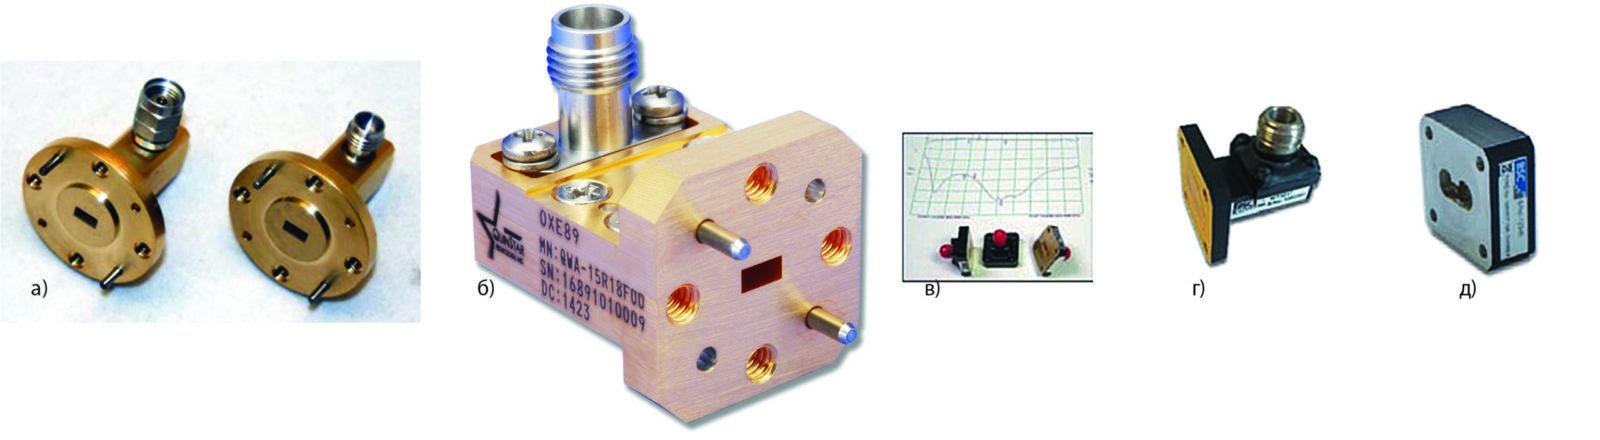 Волноводно-коаксиальные адаптеры серии WCA компании Millitech (а) и QWA компании QuinStar (б), РЧ-компоненты компании BSC в проходном исполнении (в, г, д)